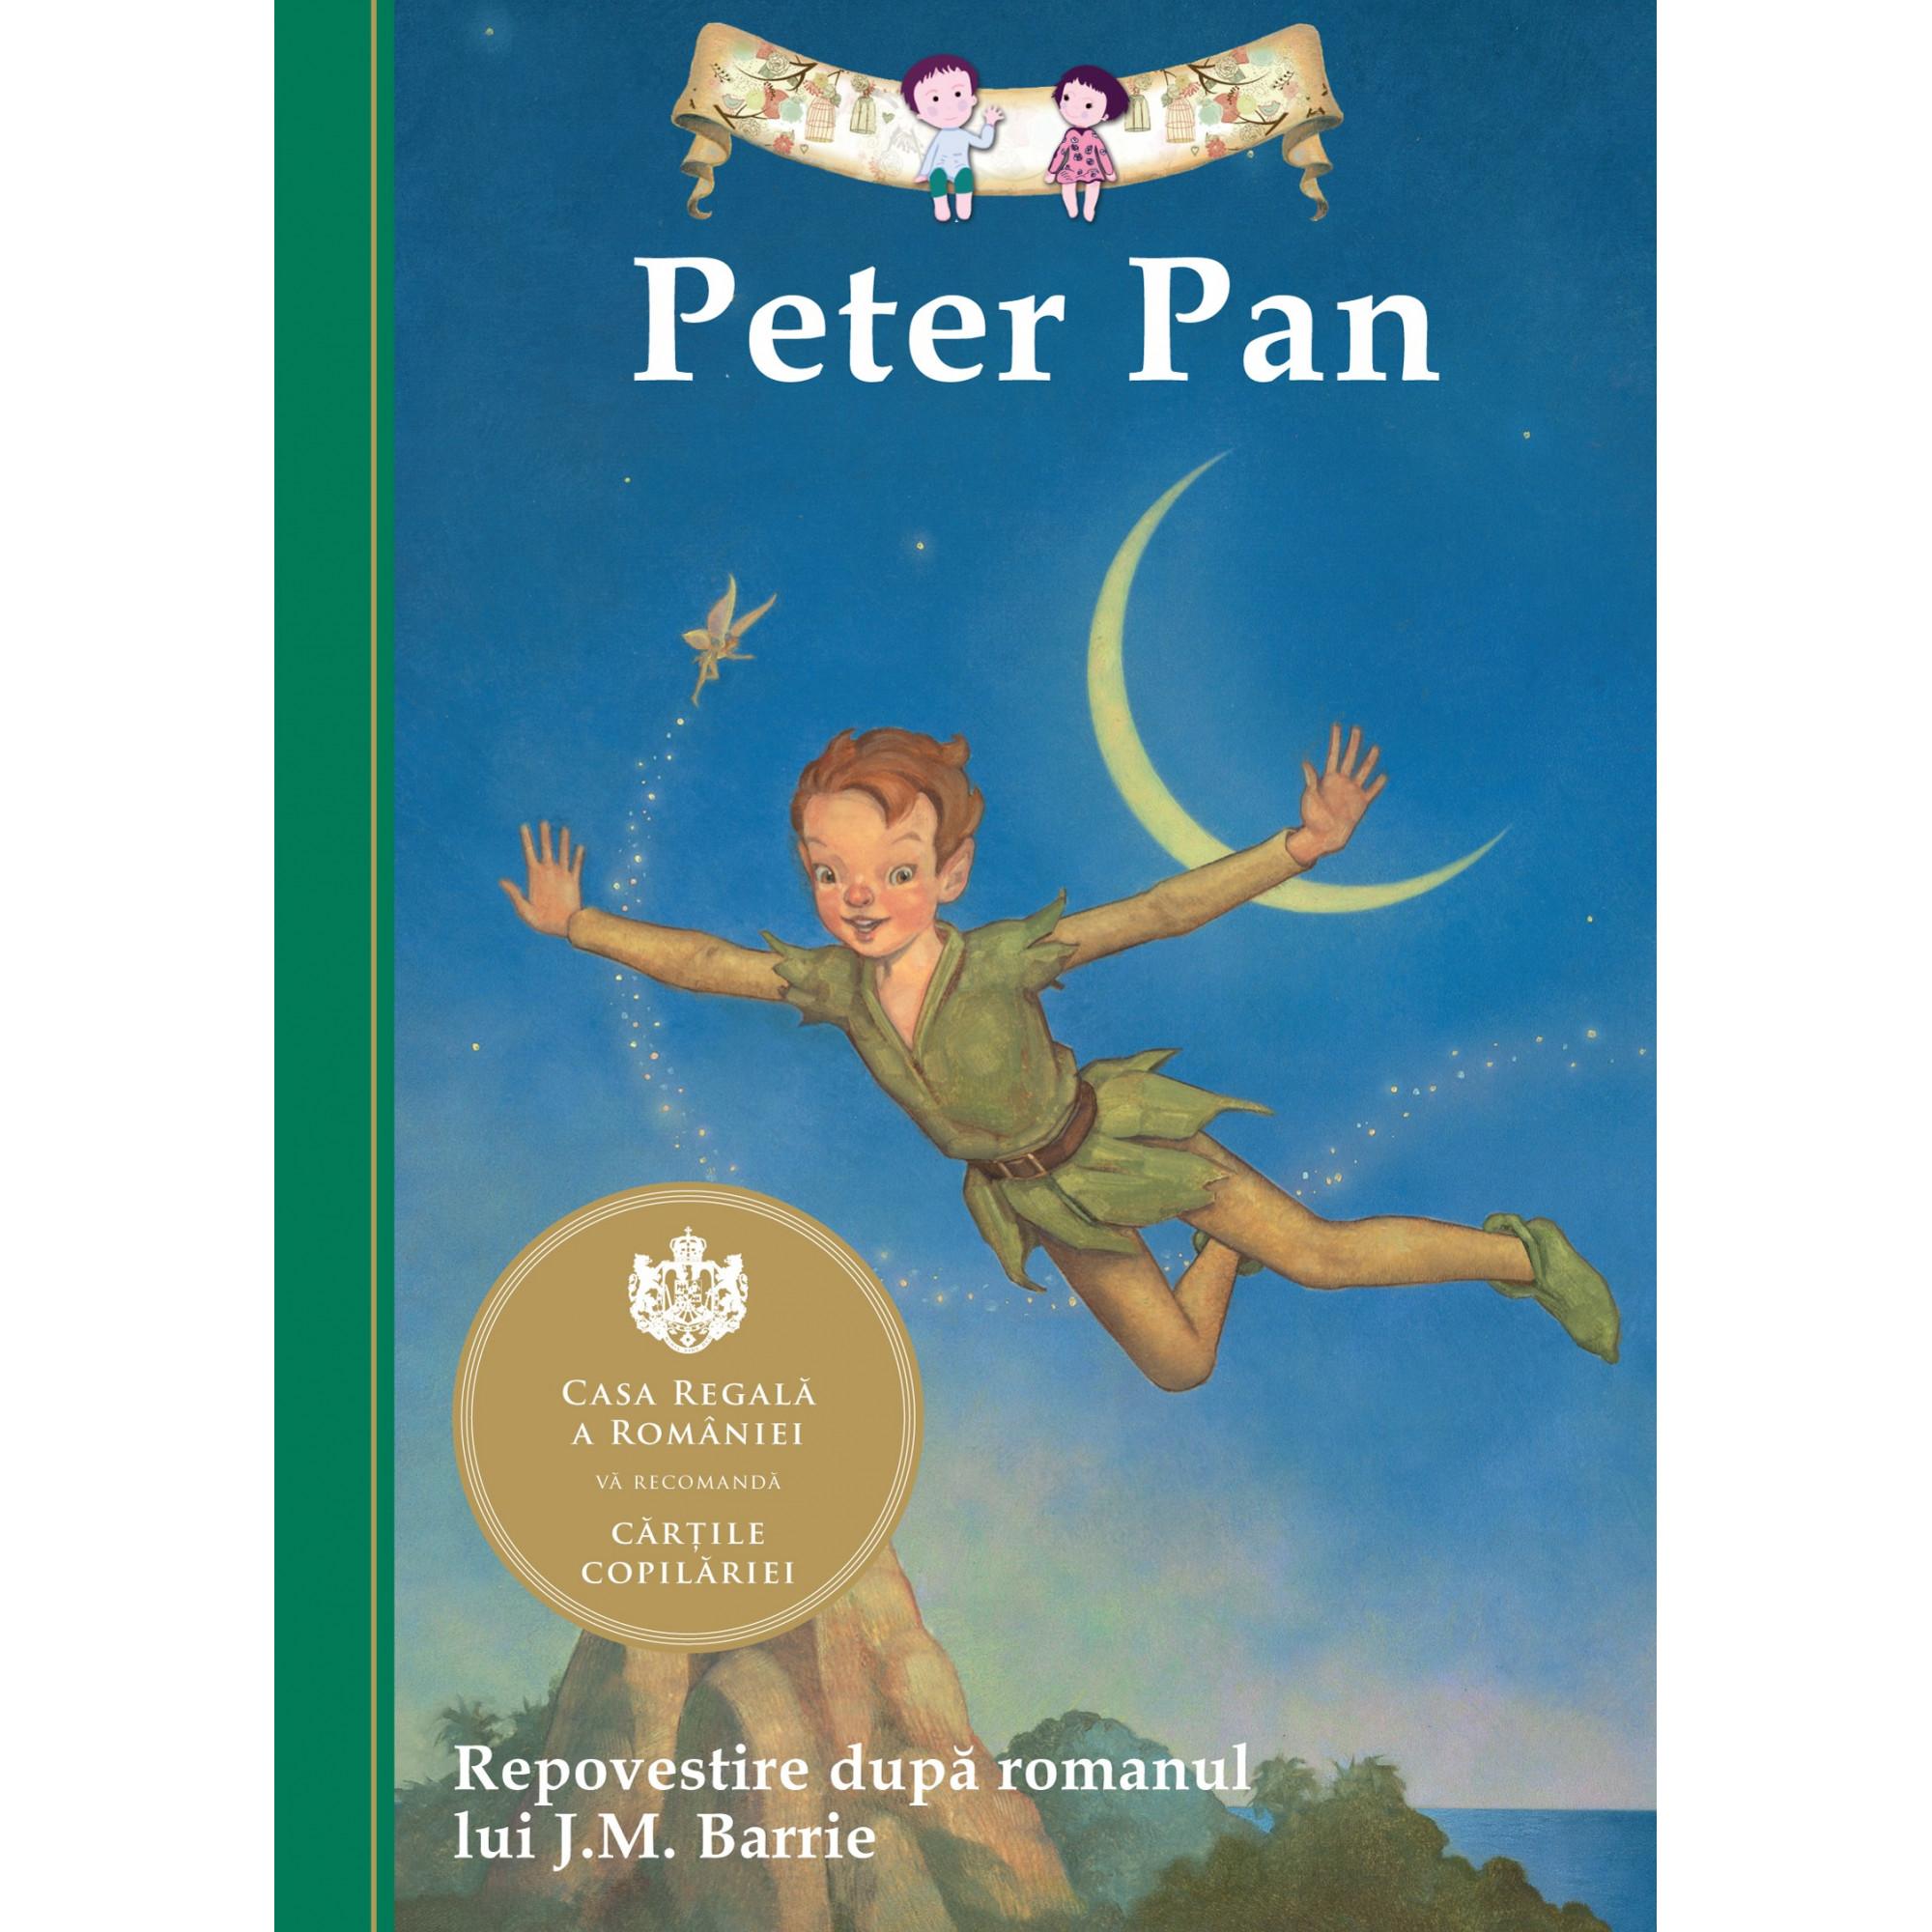 Peter Pan. Repovestire după romanul lui J.M.Barrie